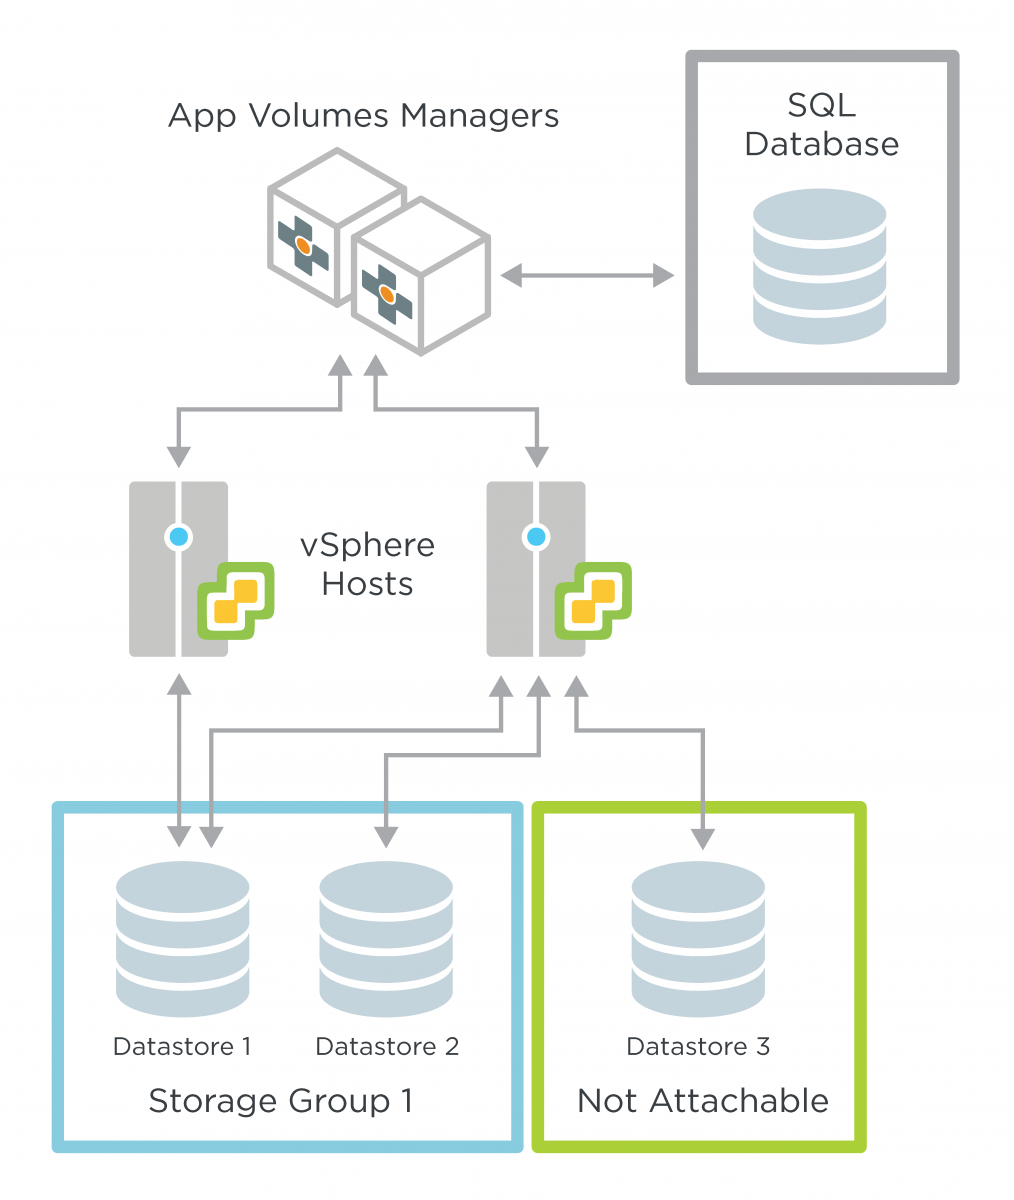 VMware App Volumes 2 x Database Best Practices | VMware